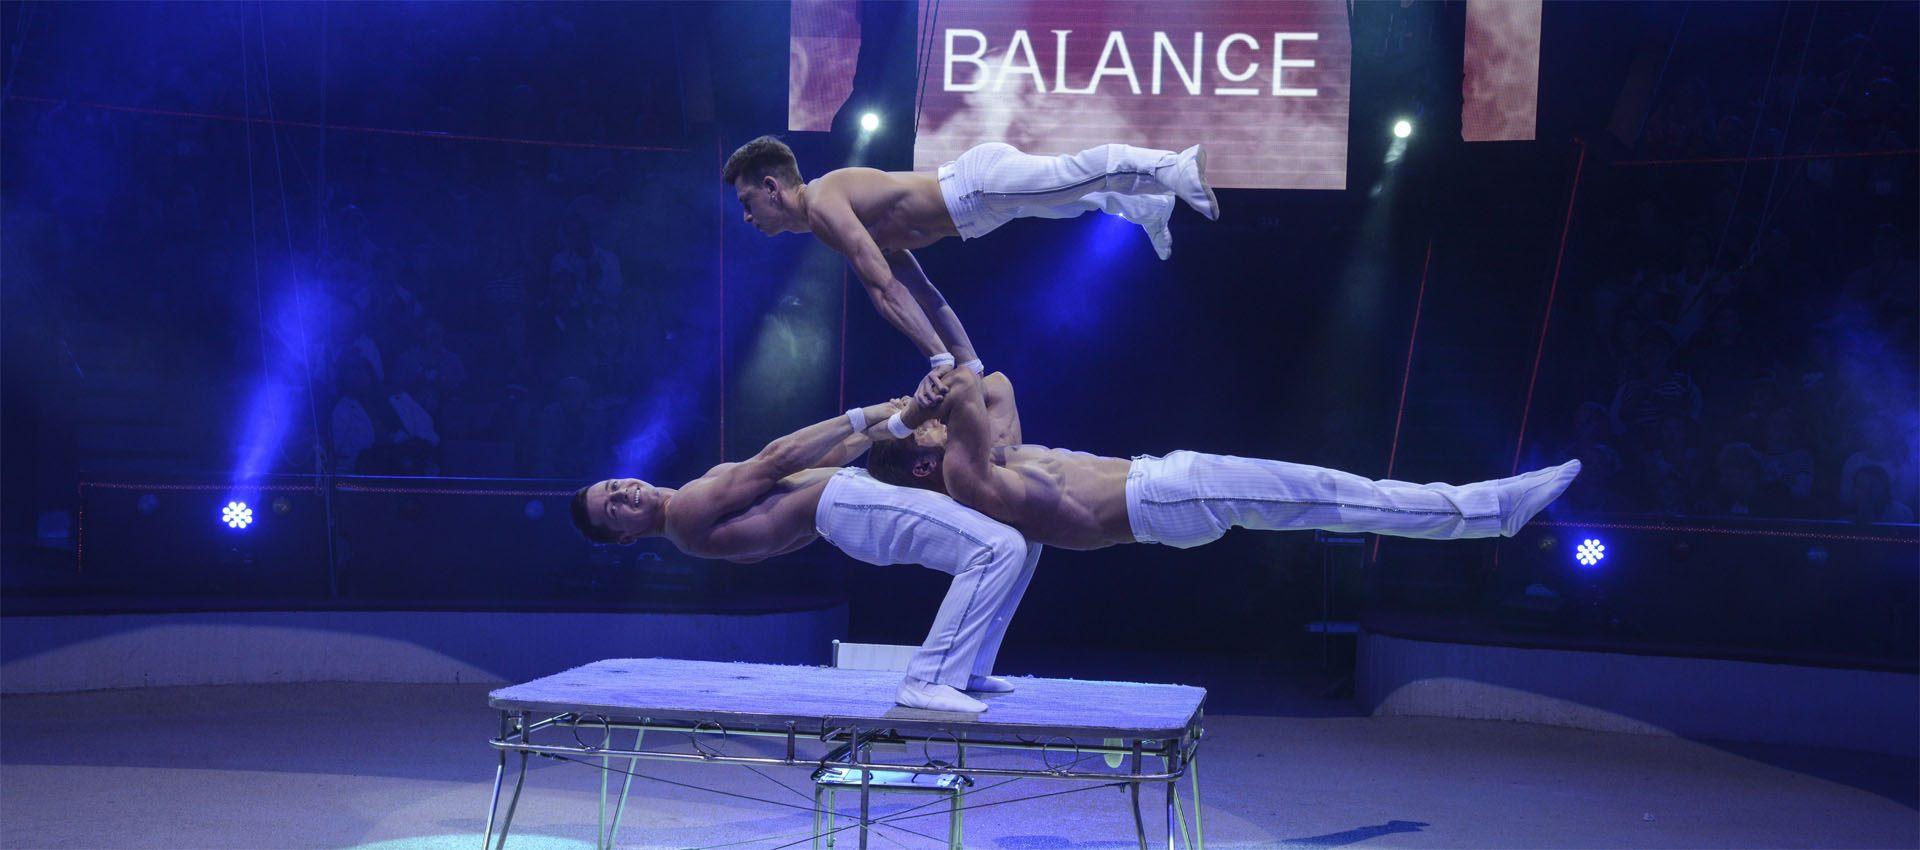 balances3